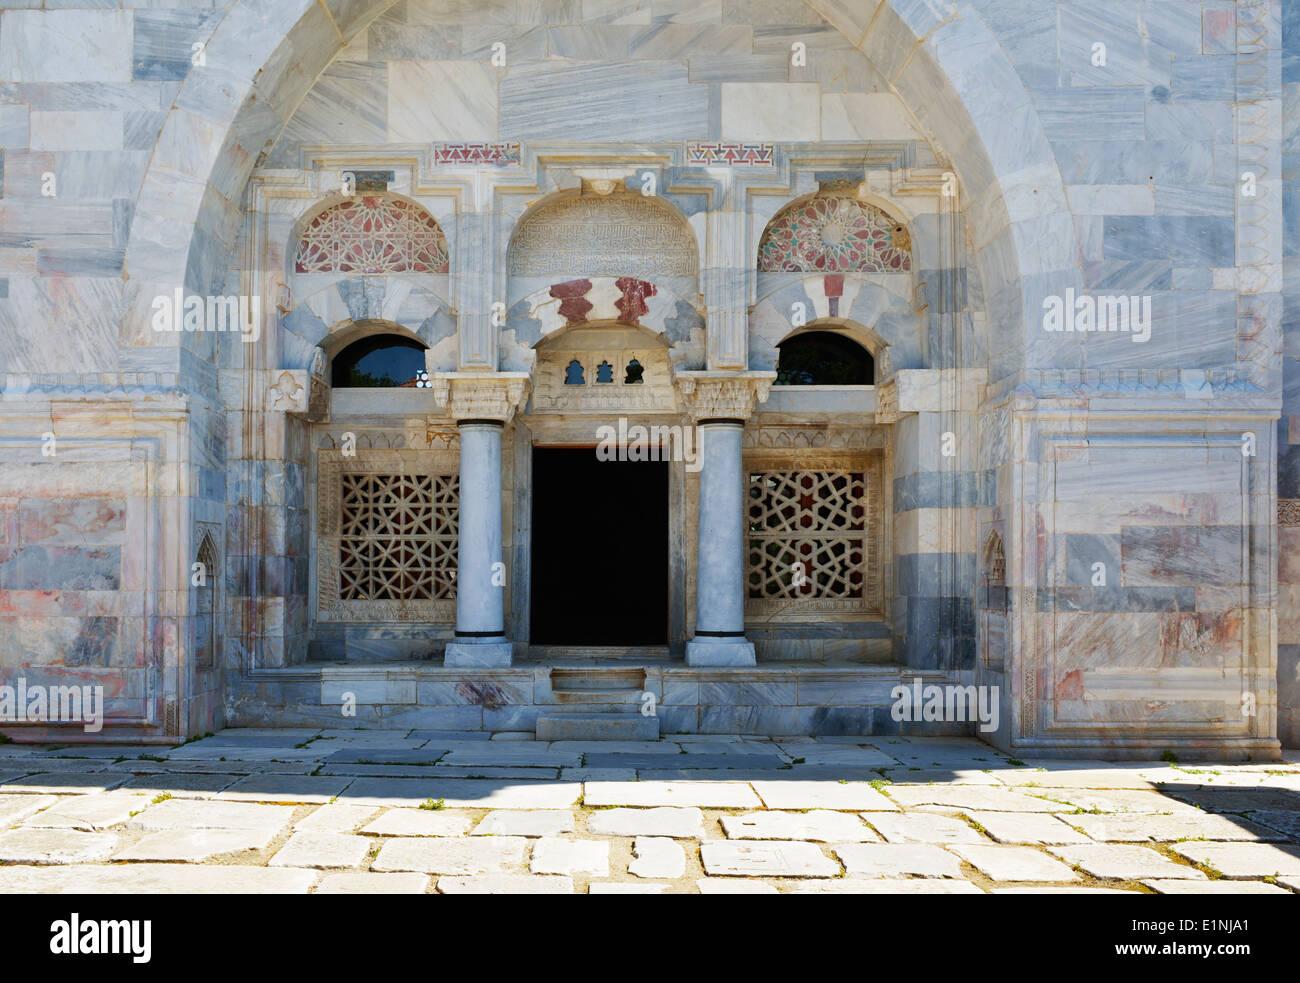 Marble stonework of Ilyas Bey Camii, Miletus, Turkey 140415_60720 - Stock Image